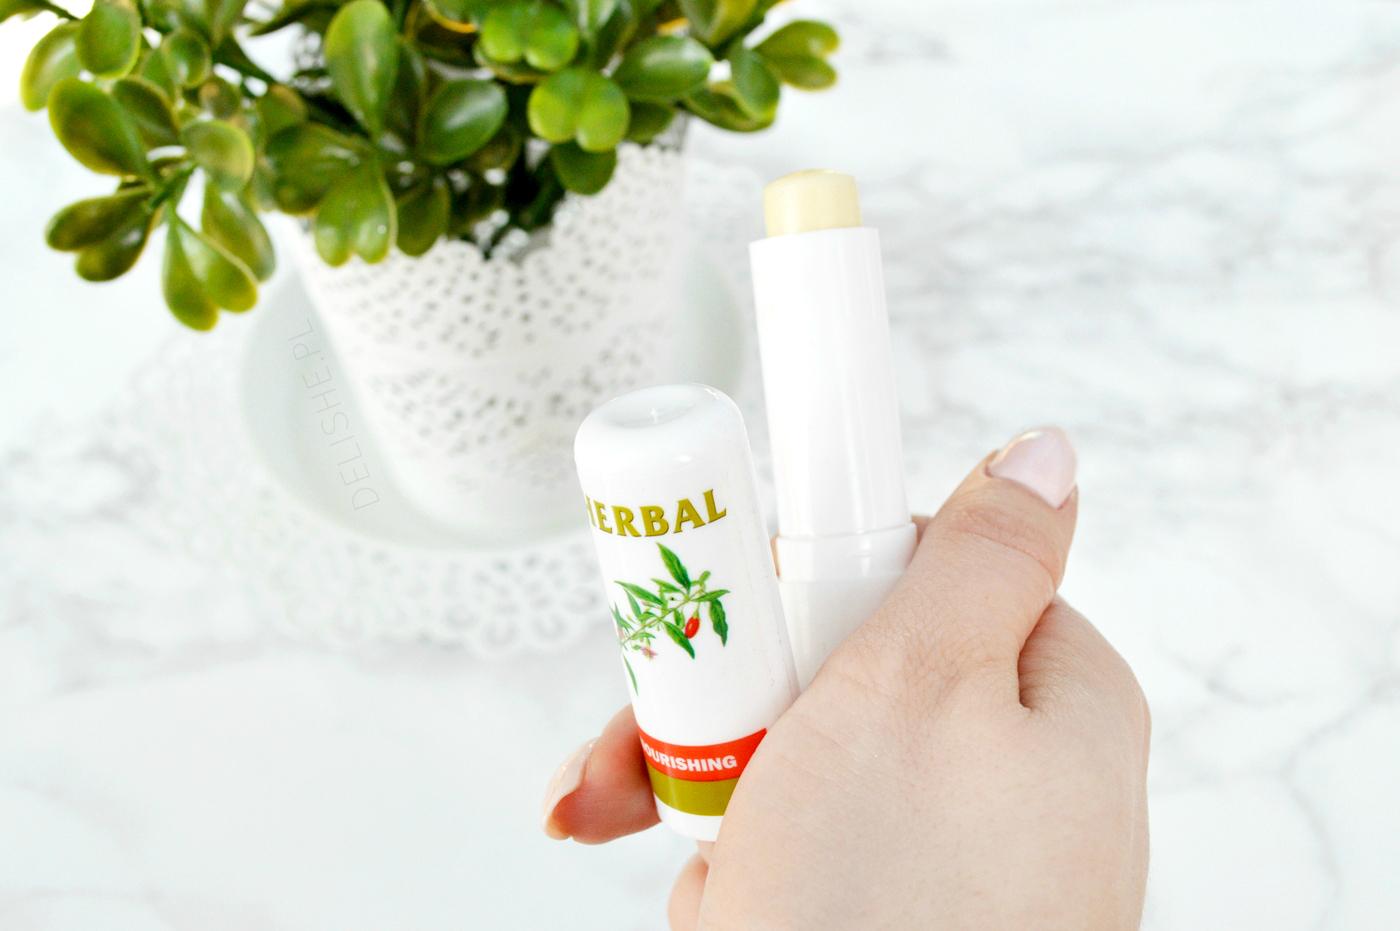 pomadka odżywcza z ekstraktem goji oherbal